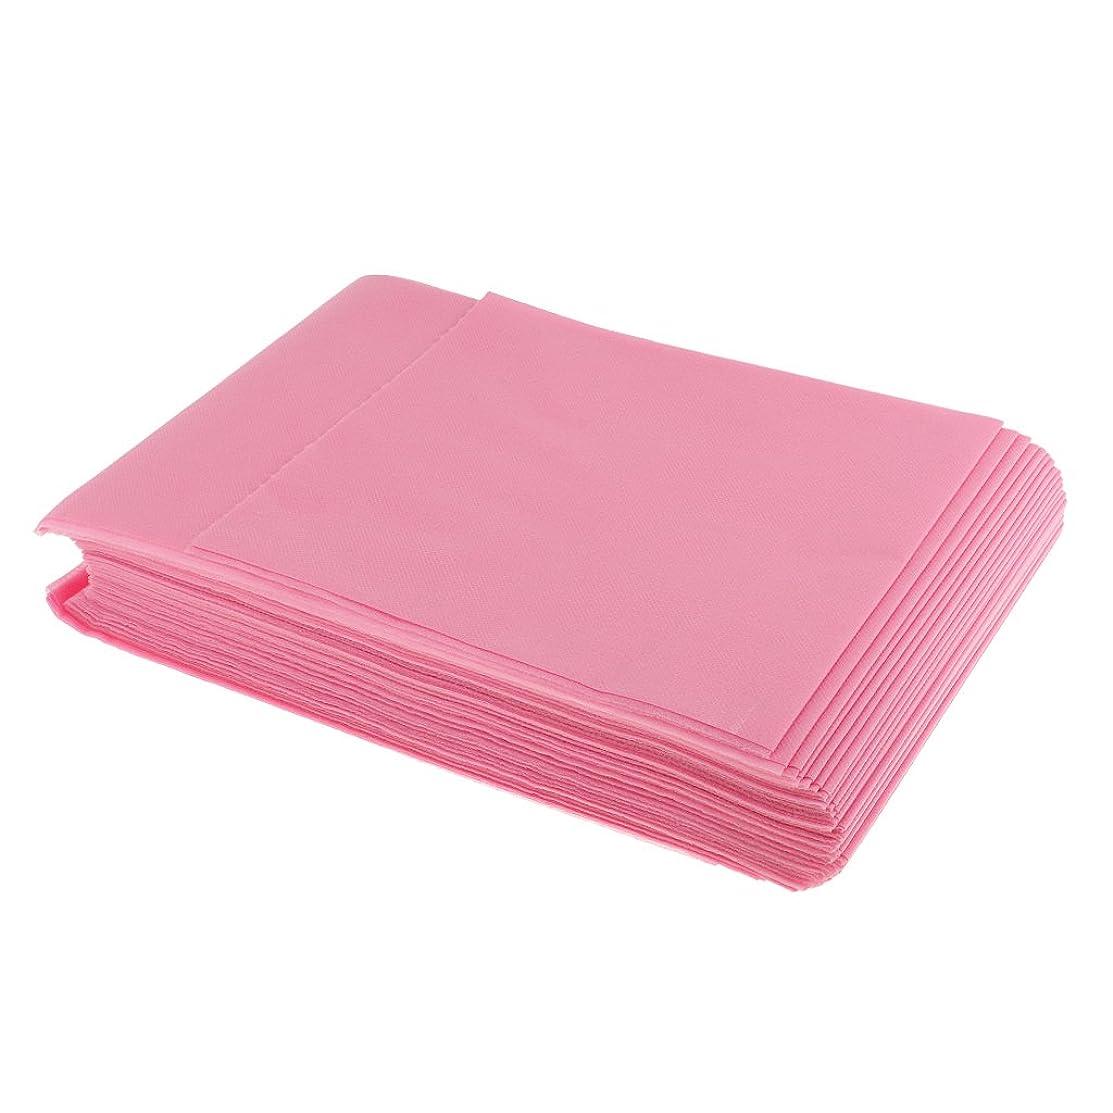 最終的に売るステーキSONONIA 使い捨て 美容室/マッサージ/サロン/ホテル ベッドパッド 無織PP 衛生シート 10枚 全3色選べ - ピンク